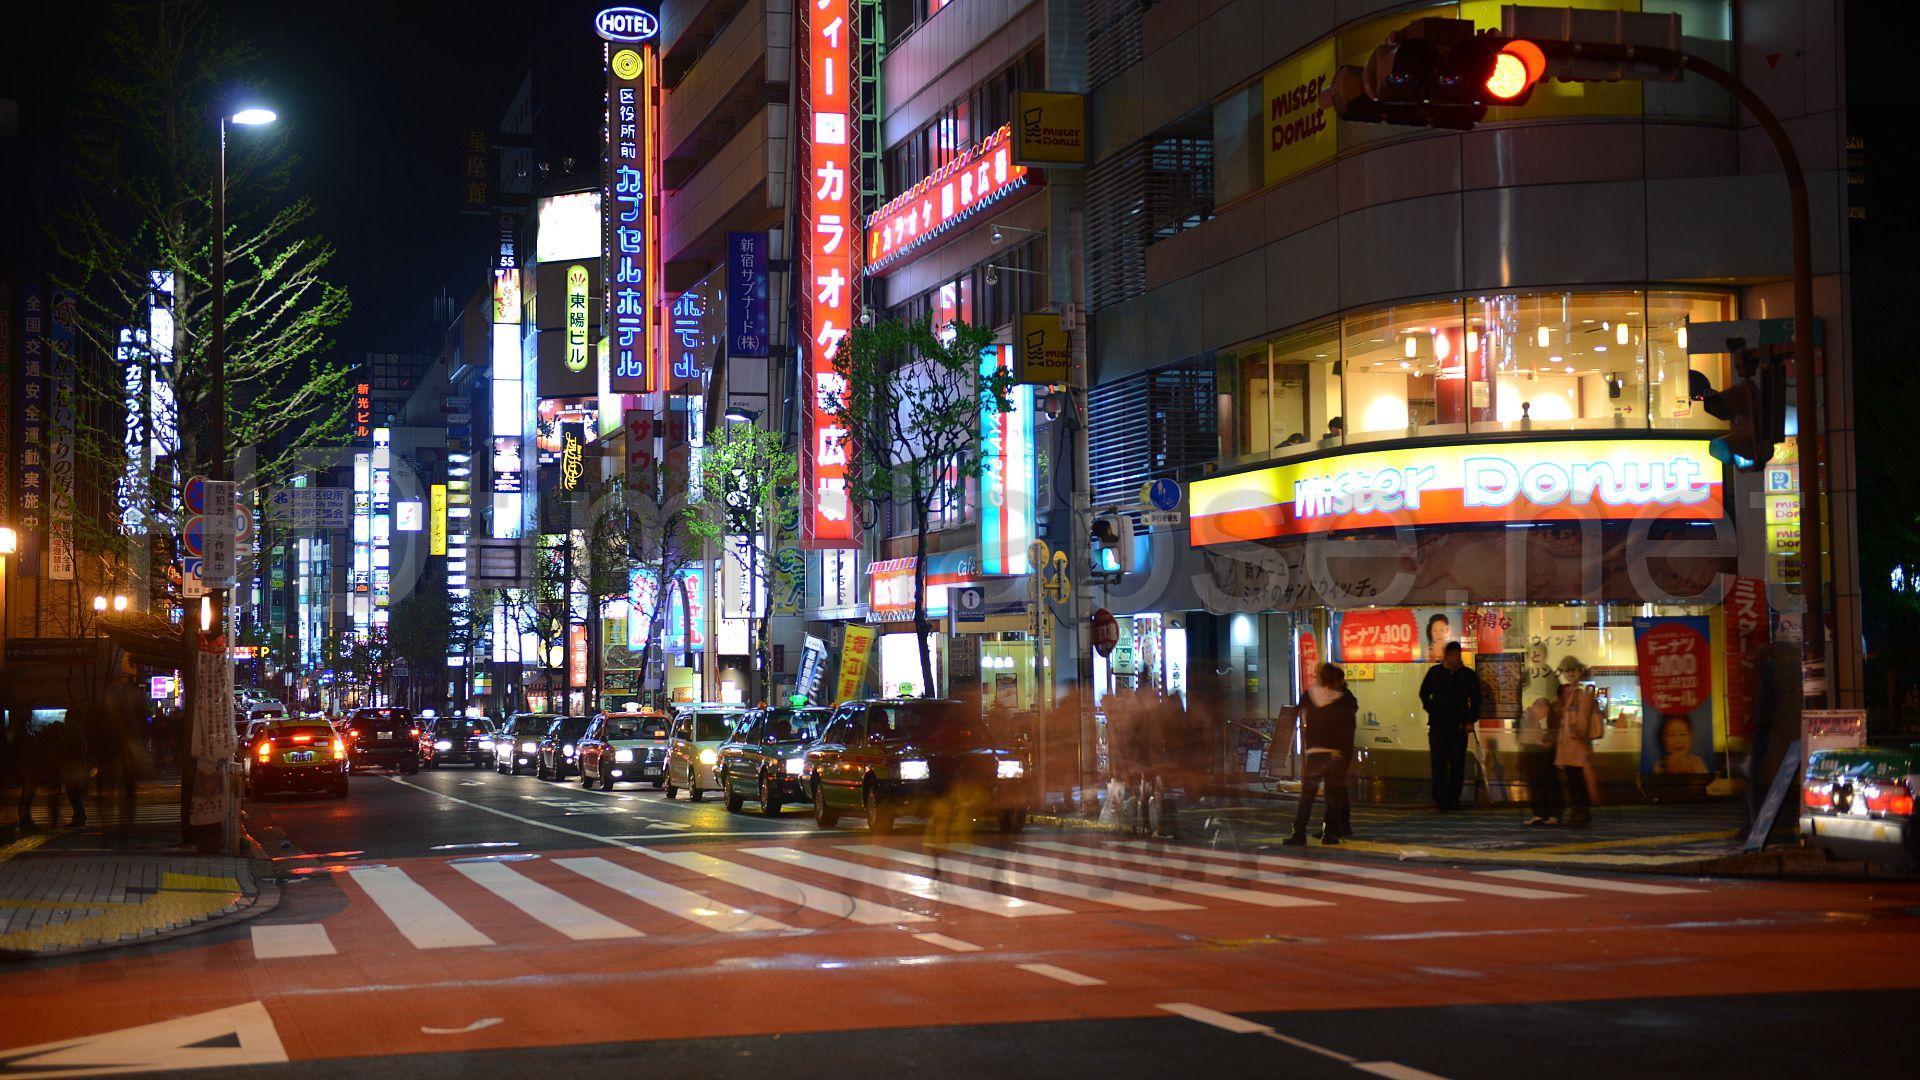 Japan Street Wallpapers - Top Free Japan Street ...